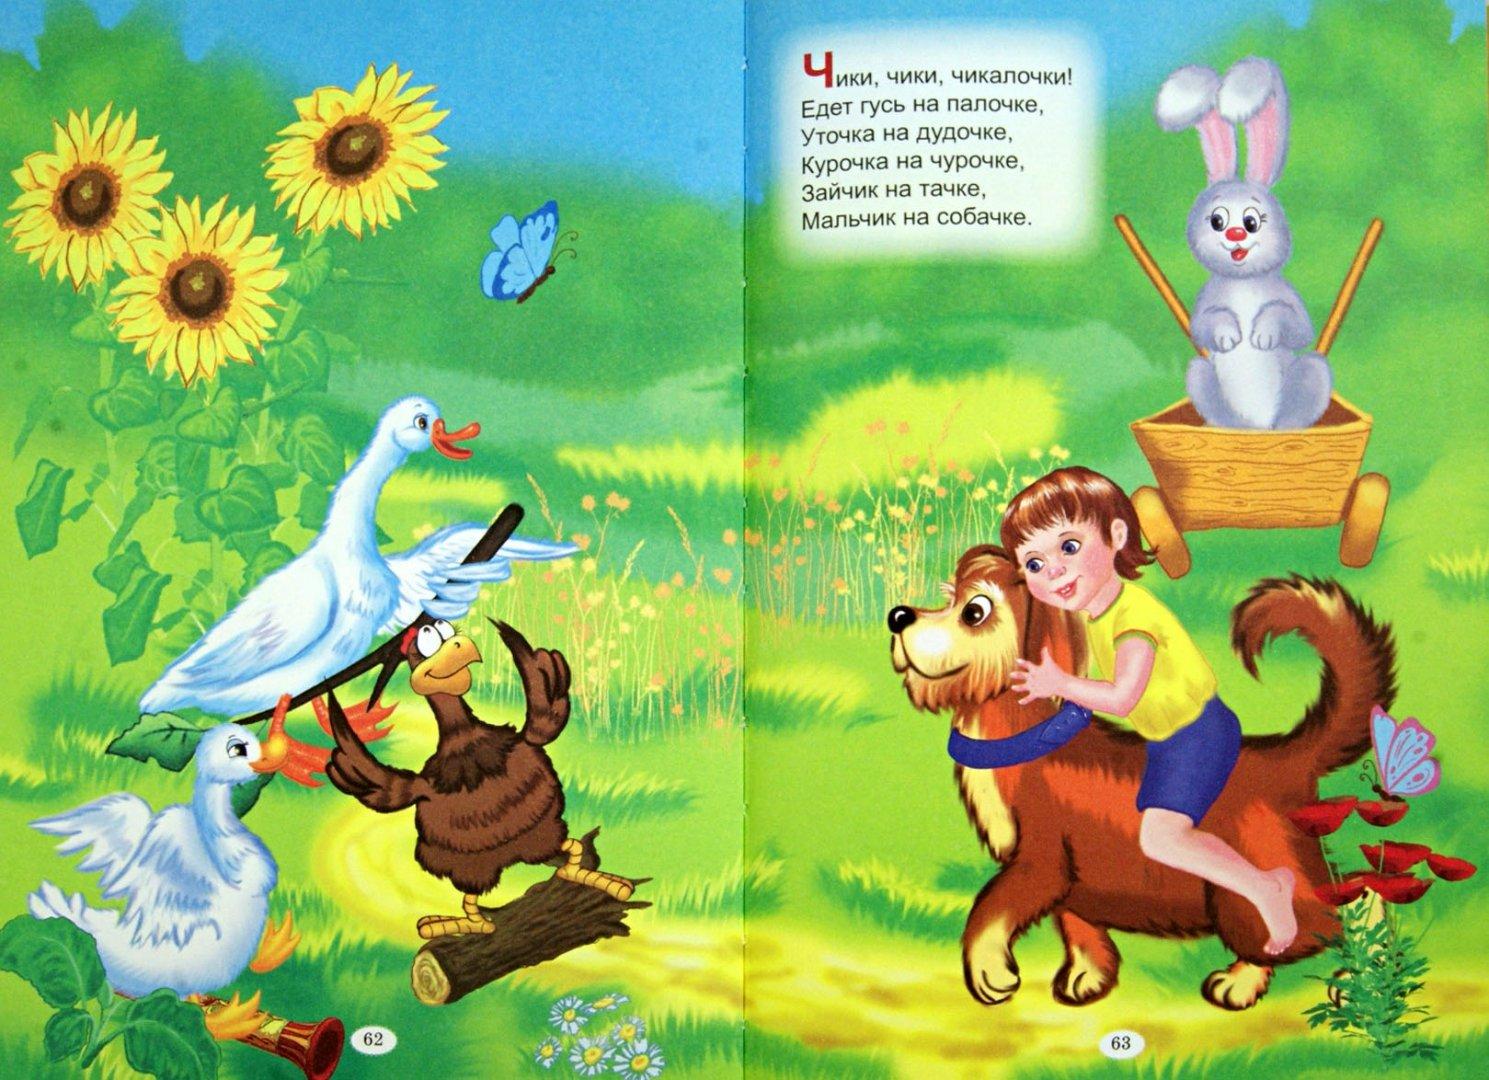 Небылица и считалка: сравниваем жанры детского фольклора